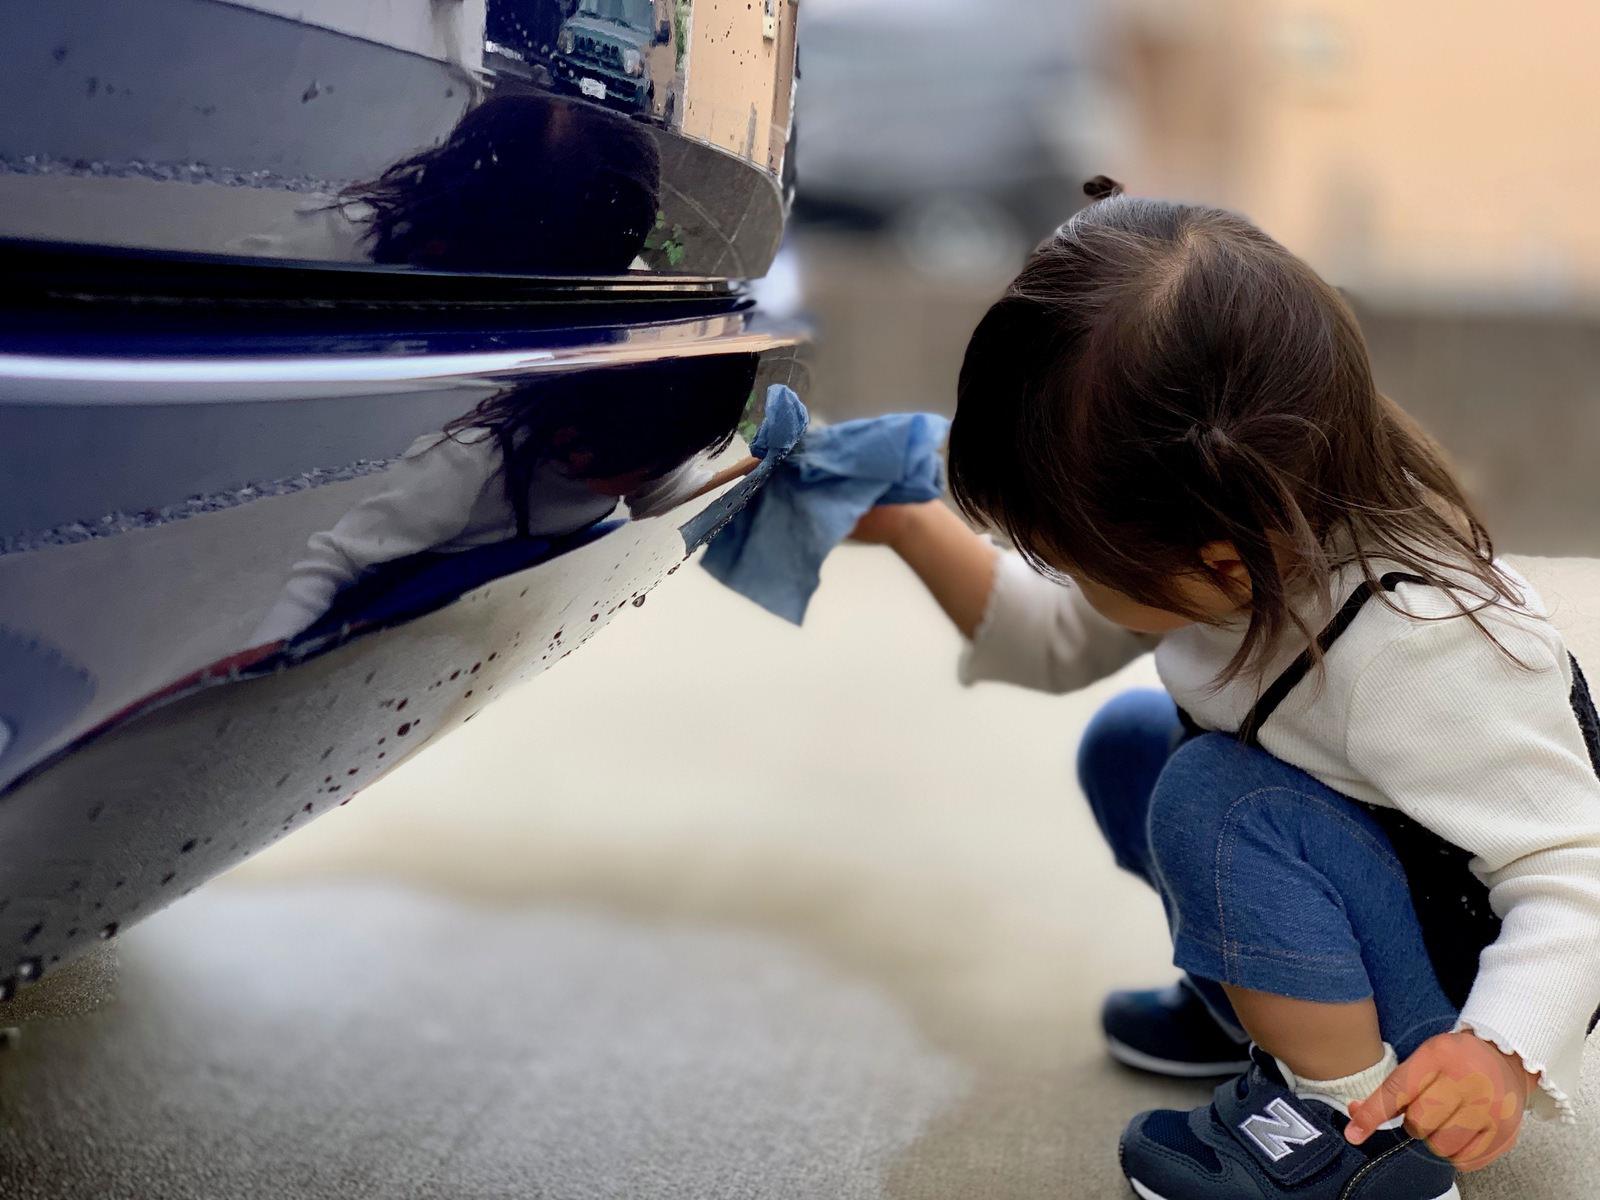 My-daughter-washing-the-car-01.jpg